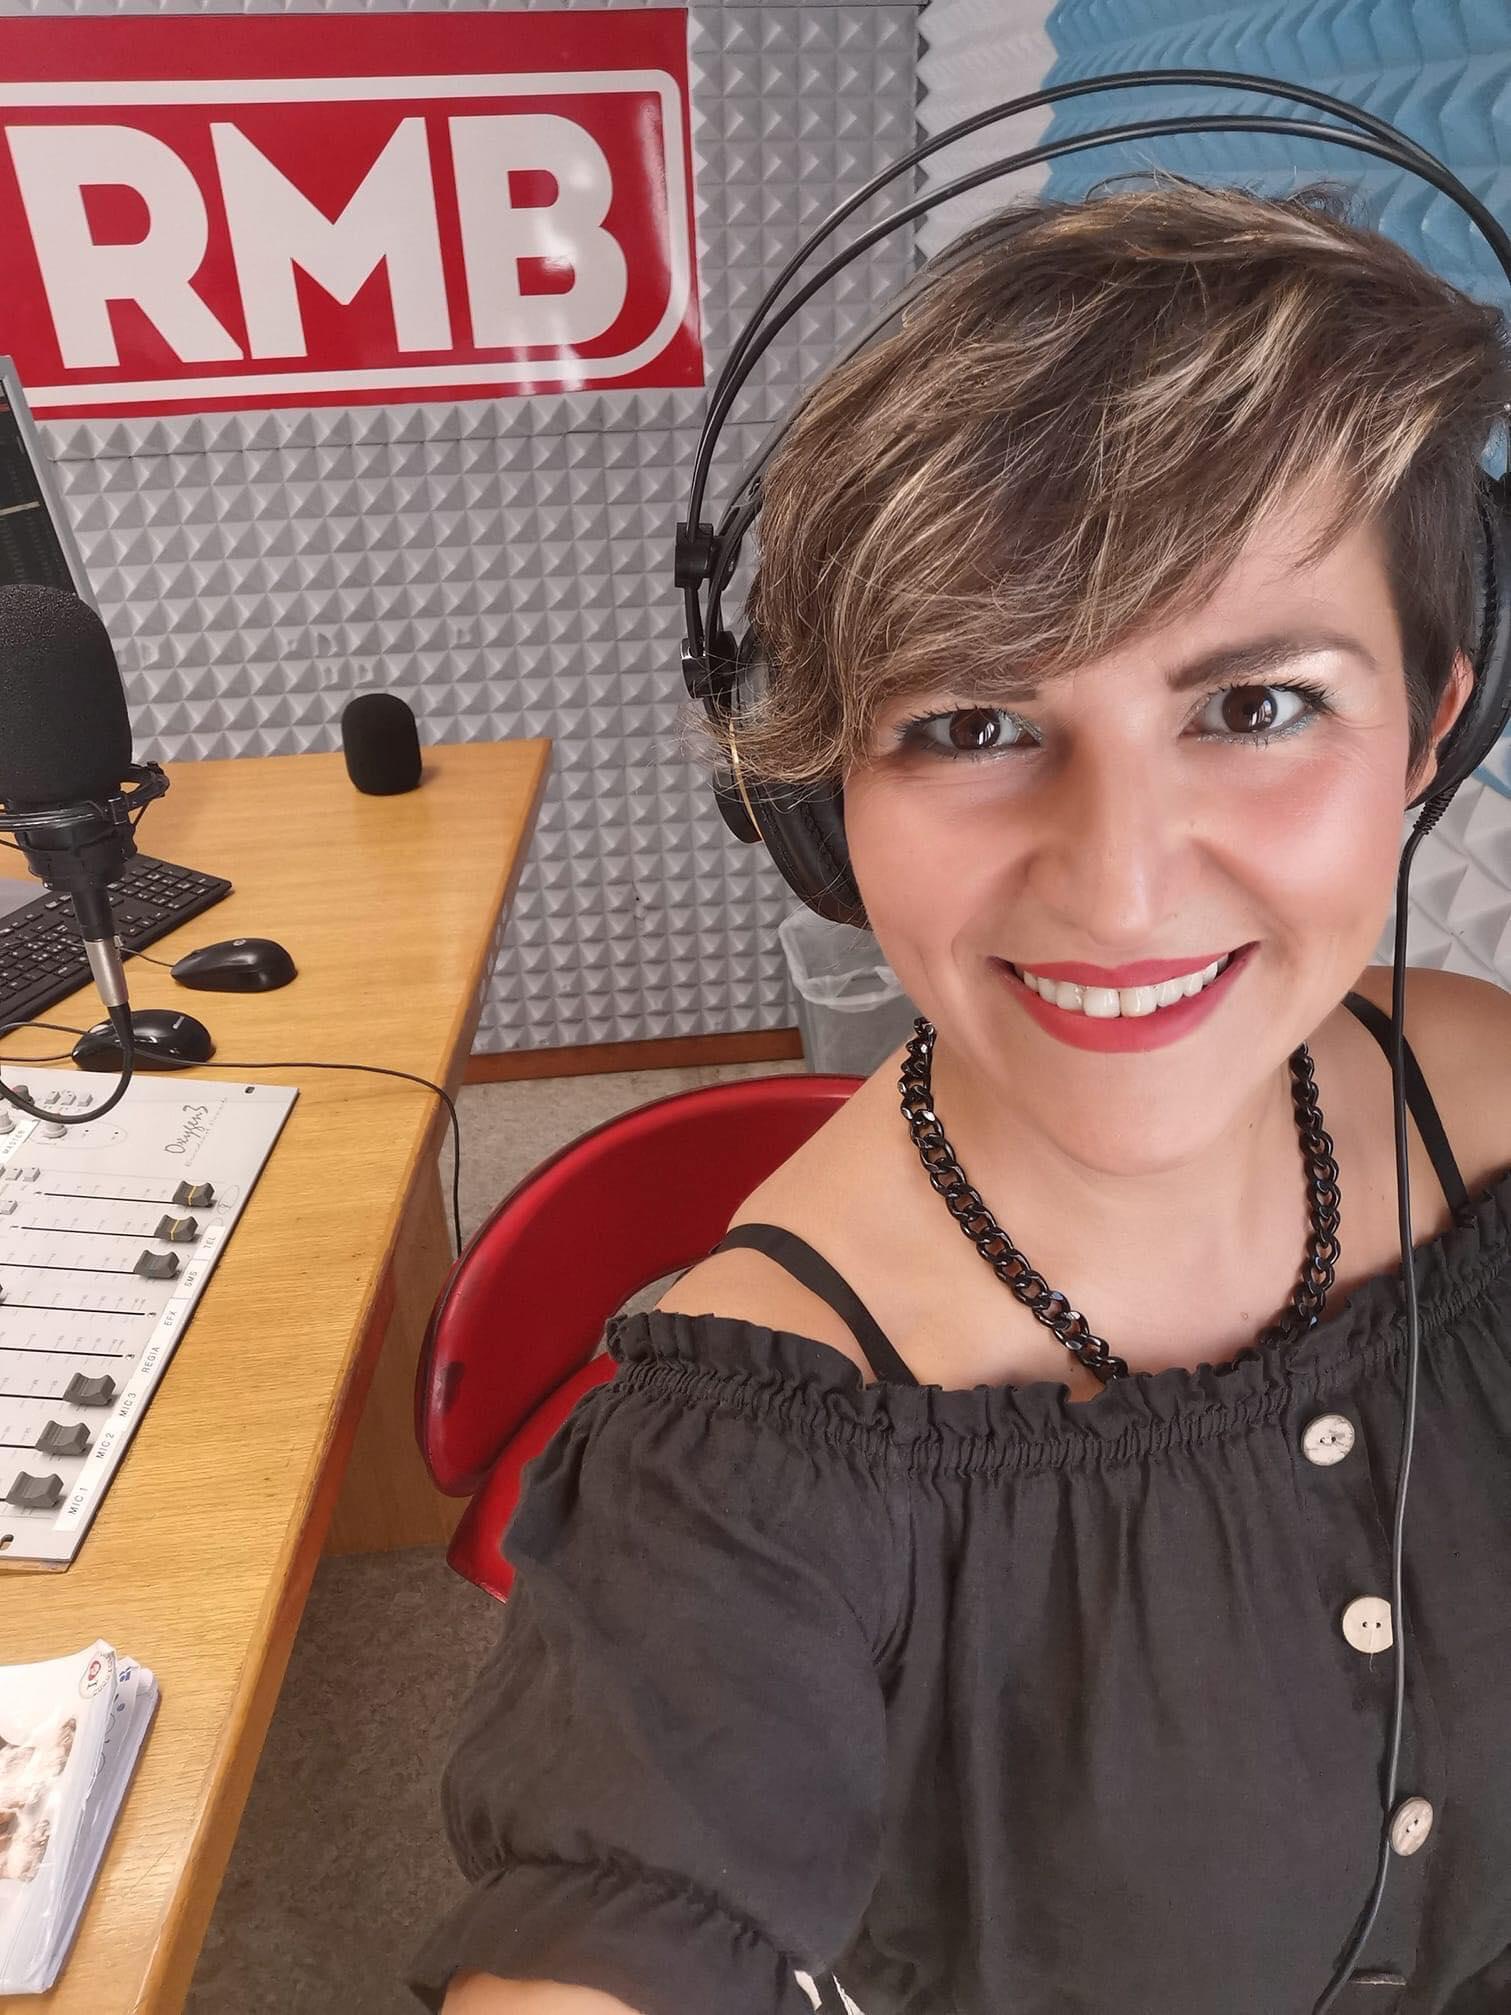 visual radio sicilia 2 - Radio e Tv locali. Anche in Sicilia la Radio è sempre più visual: dal DTT alla social tv